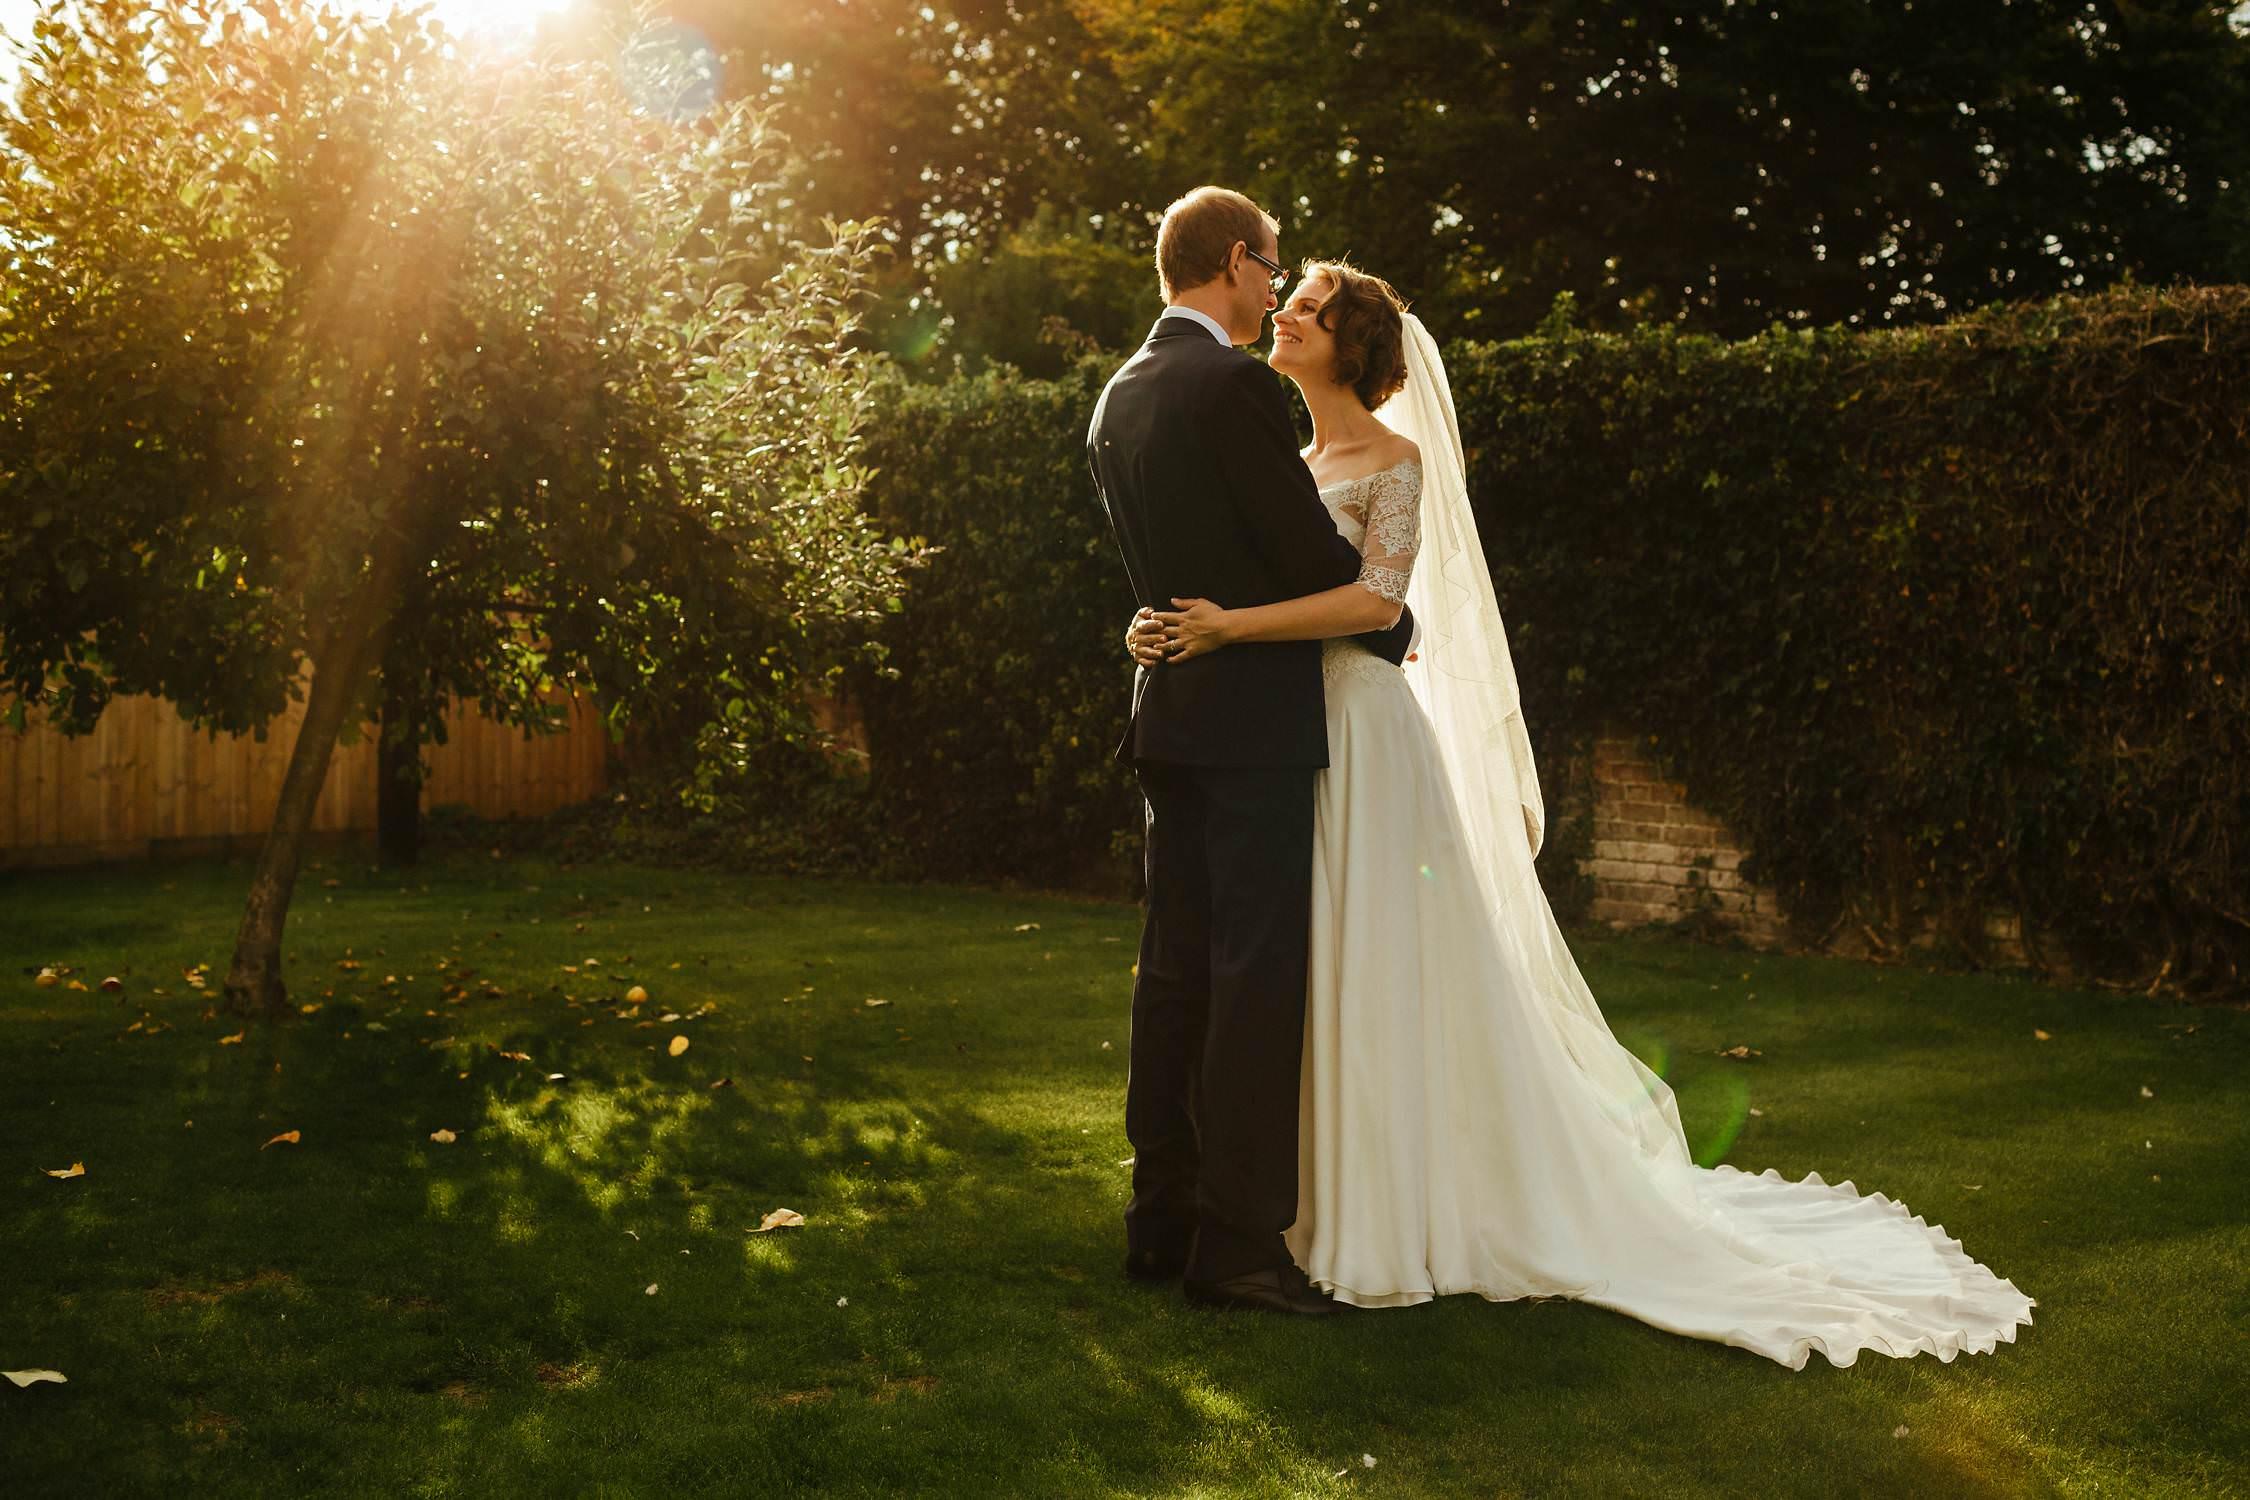 Buckinghamshire-Wedding-Photography-26